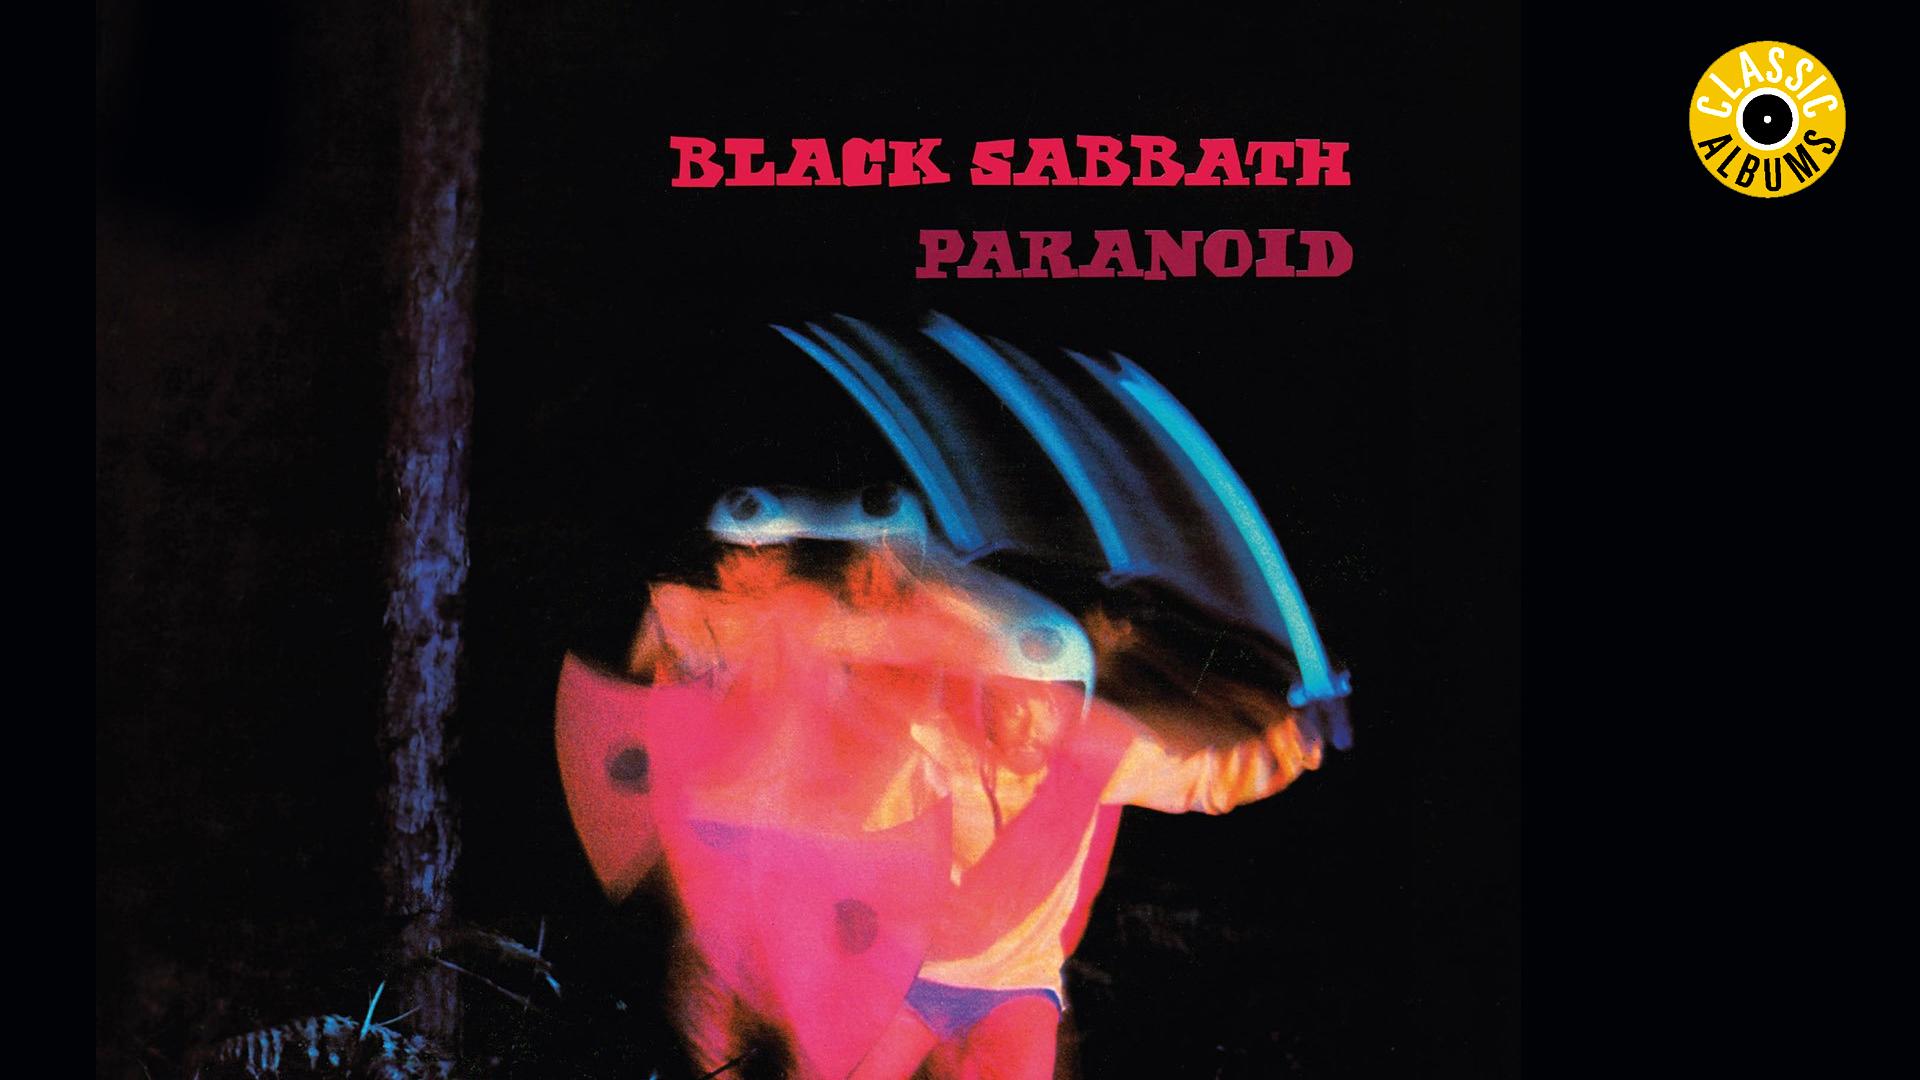 Black Sabbath - Paranoid (Classic Album)